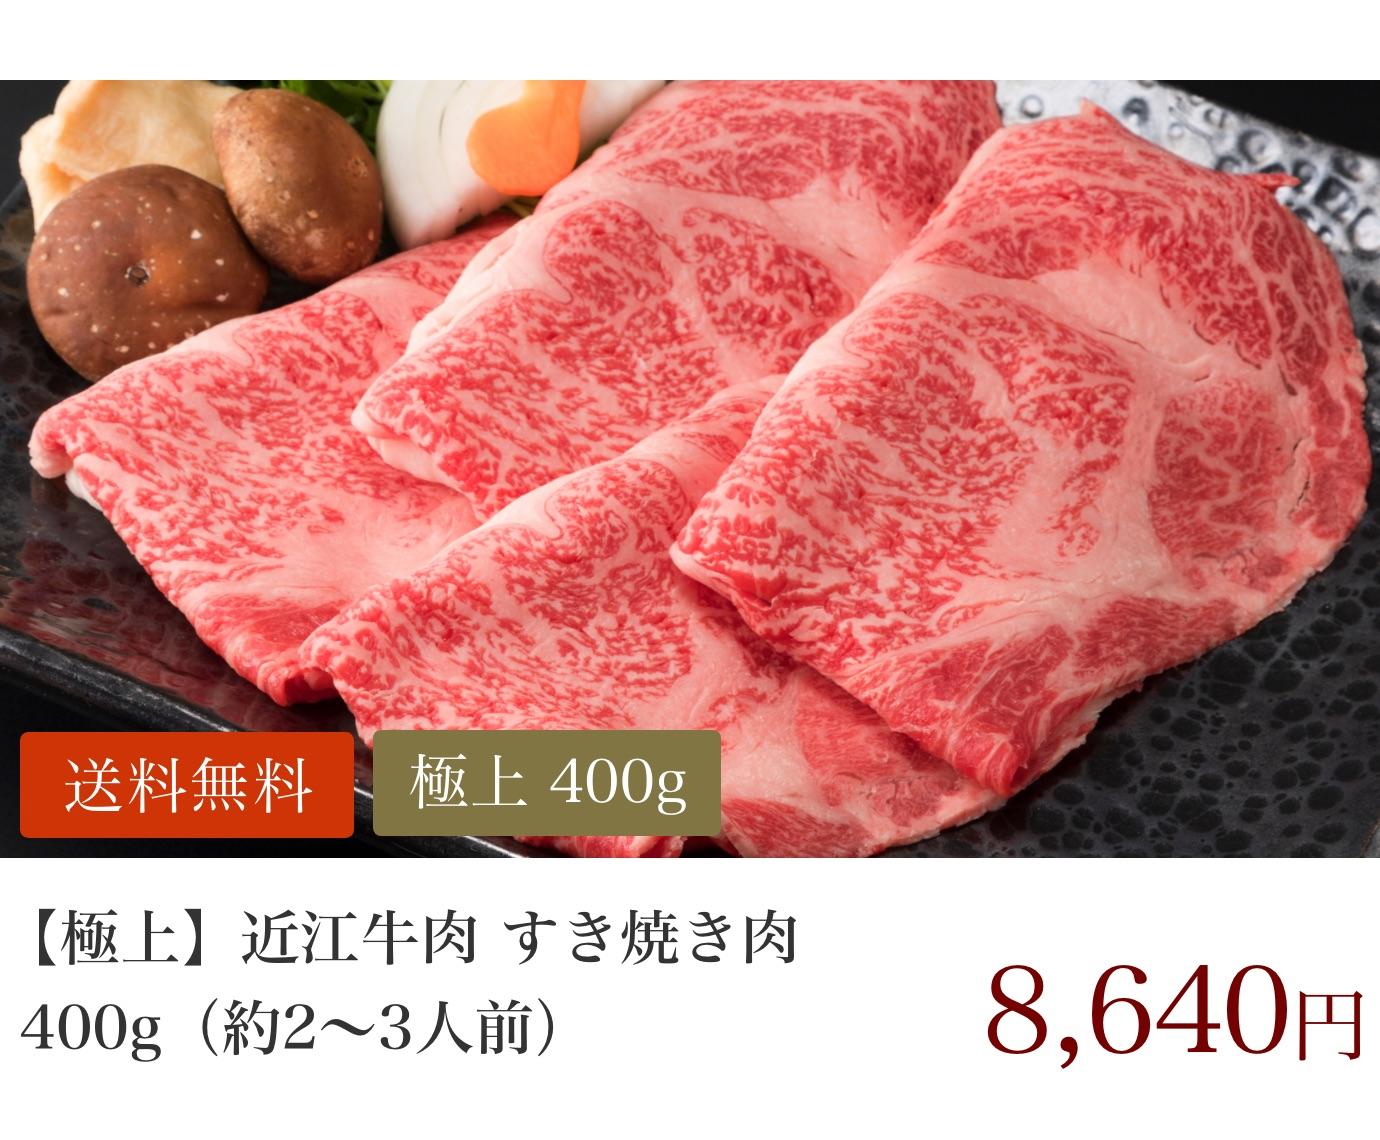 【極上】近江牛肉 すき焼き肉 400g (約2〜3人前)